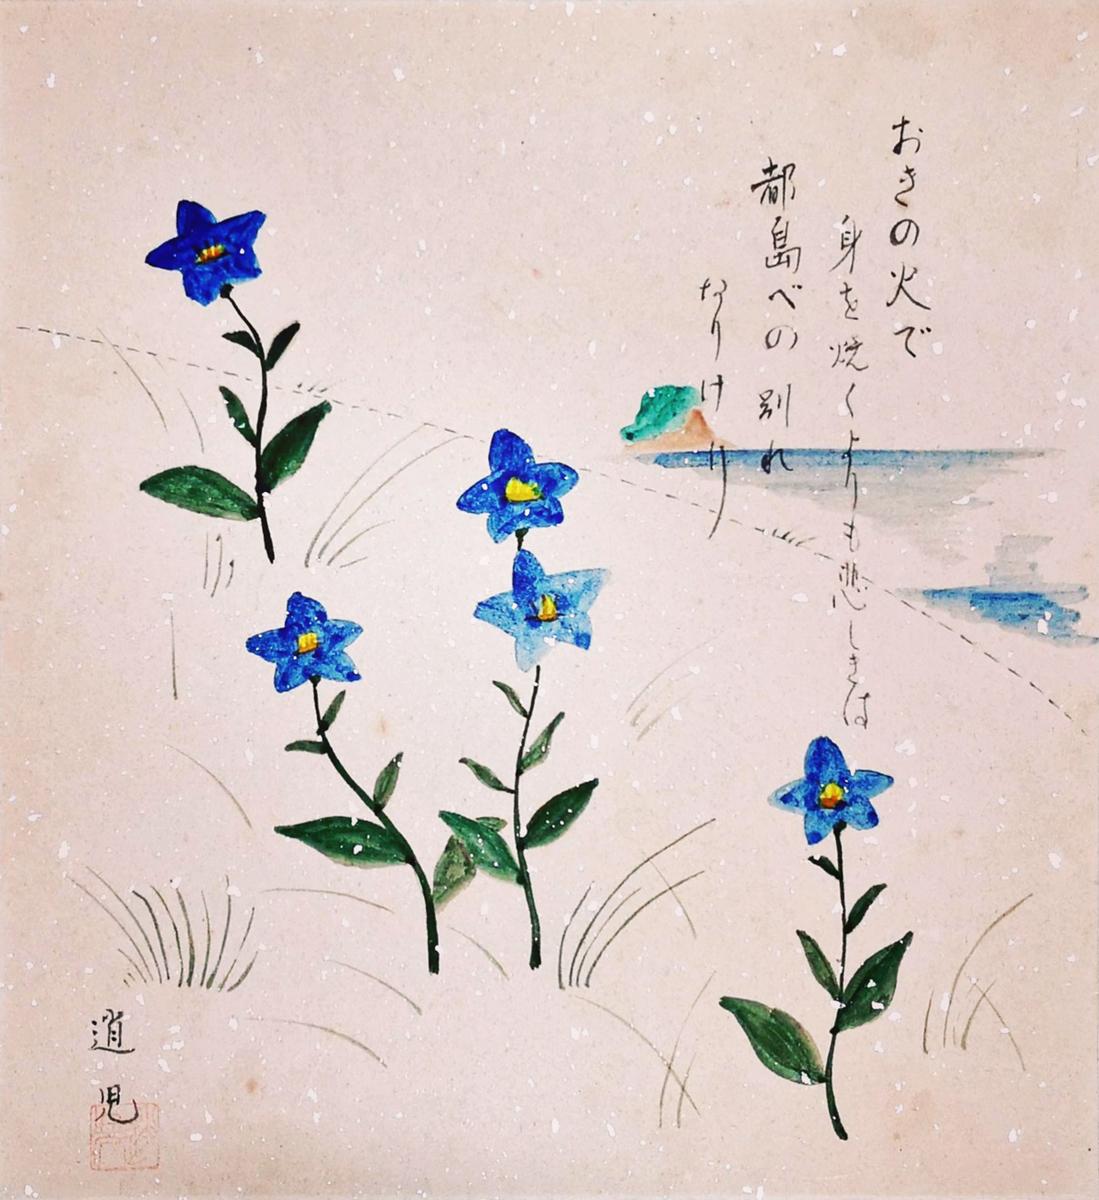 f:id:showjiyoshida:20200429001457j:plain